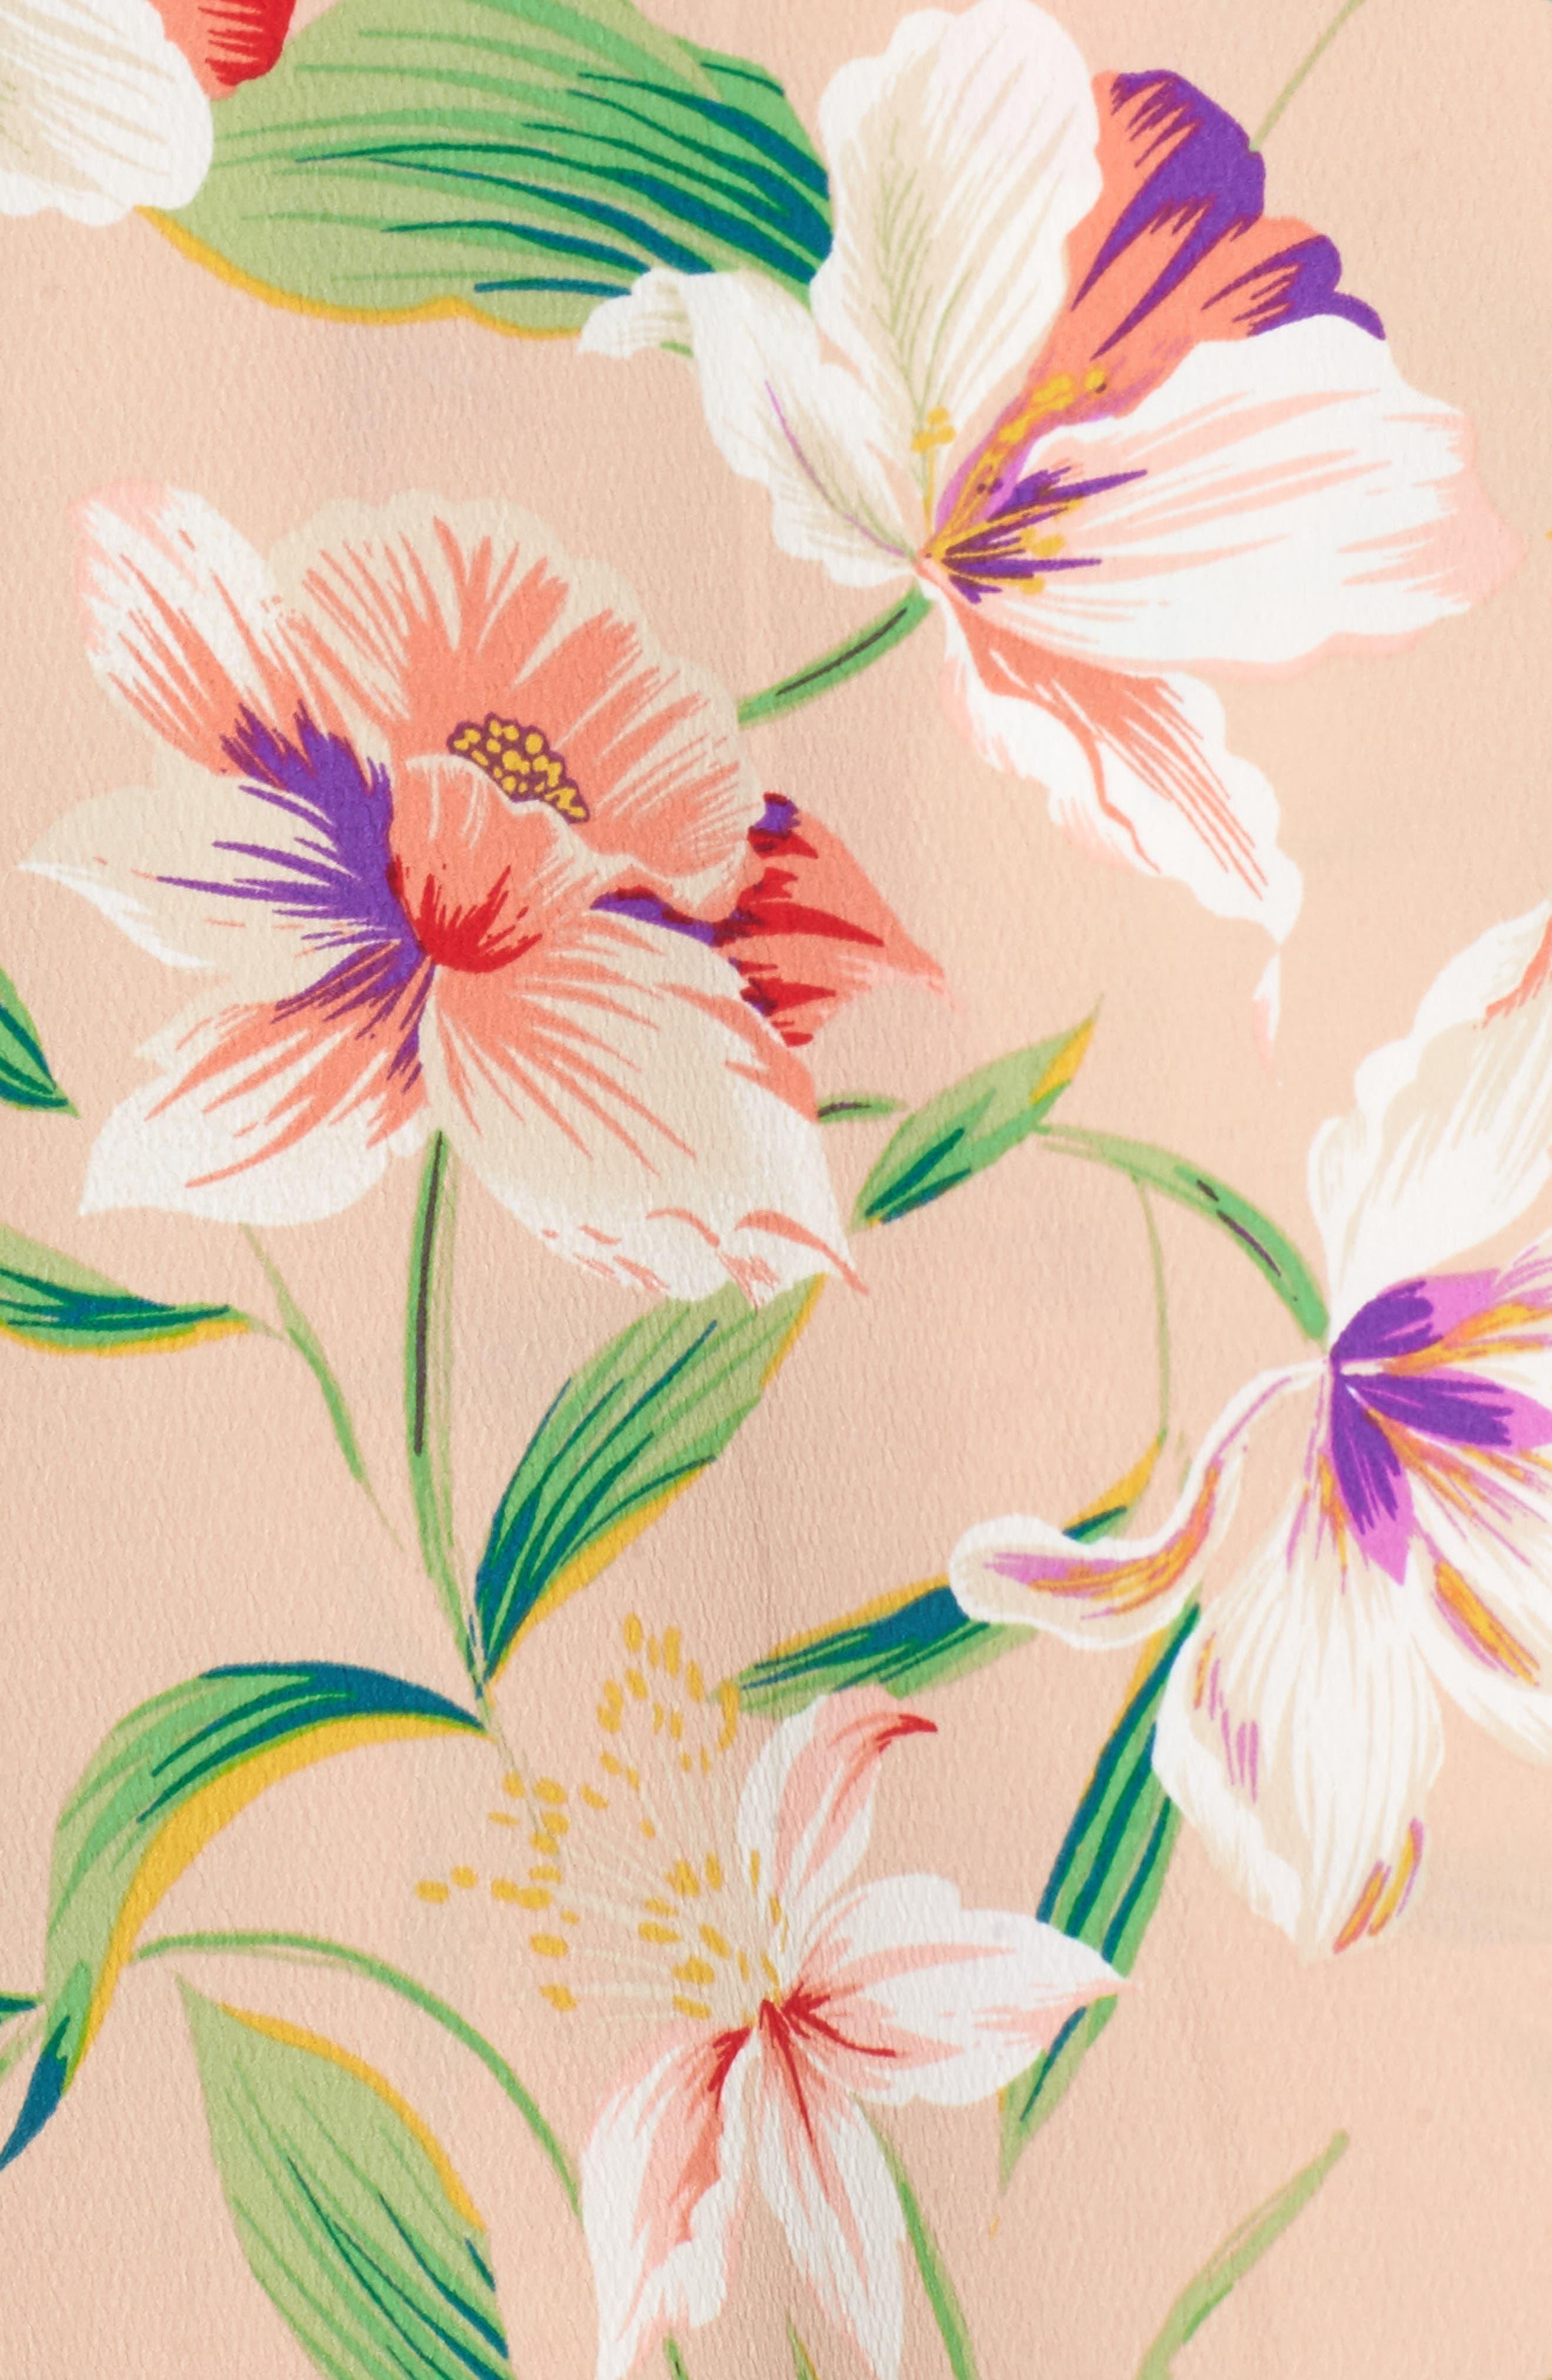 Floral Wrap Maxi Dress,                             Alternate thumbnail 5, color,                             Mocha-Multi Floral